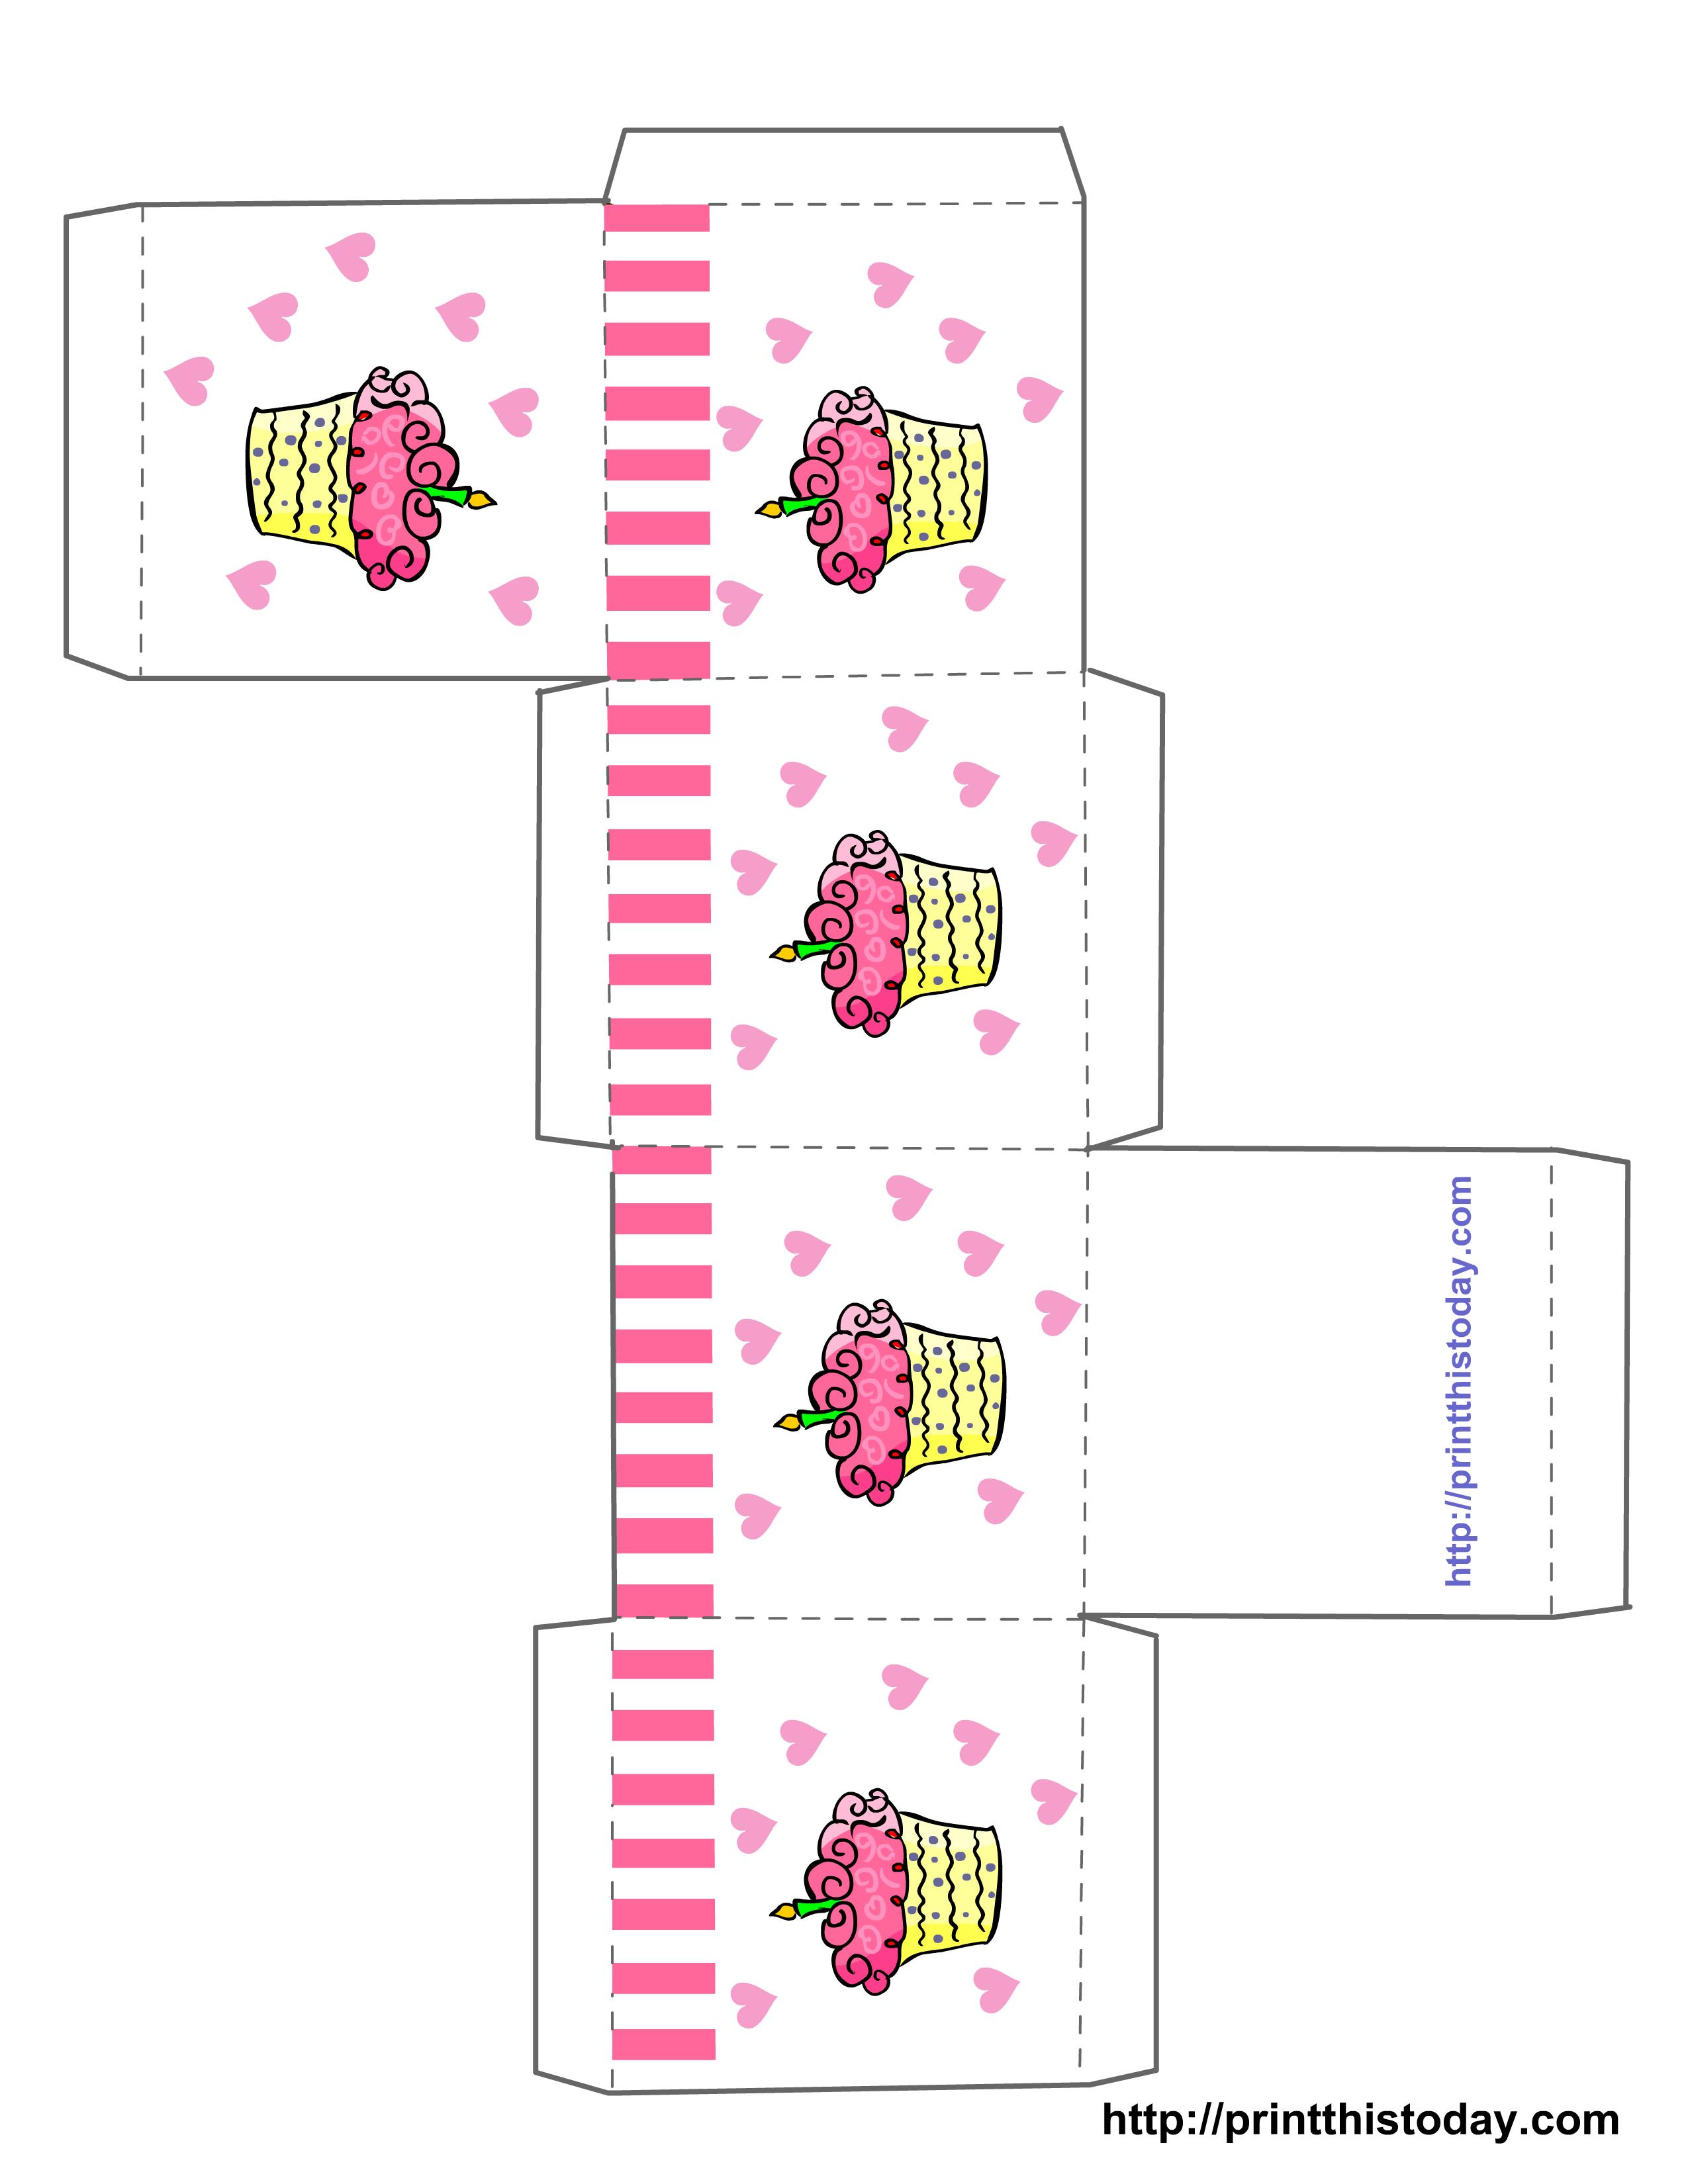 Free Birthday Templates To Print ~ Free printable birthday favor boxes templates